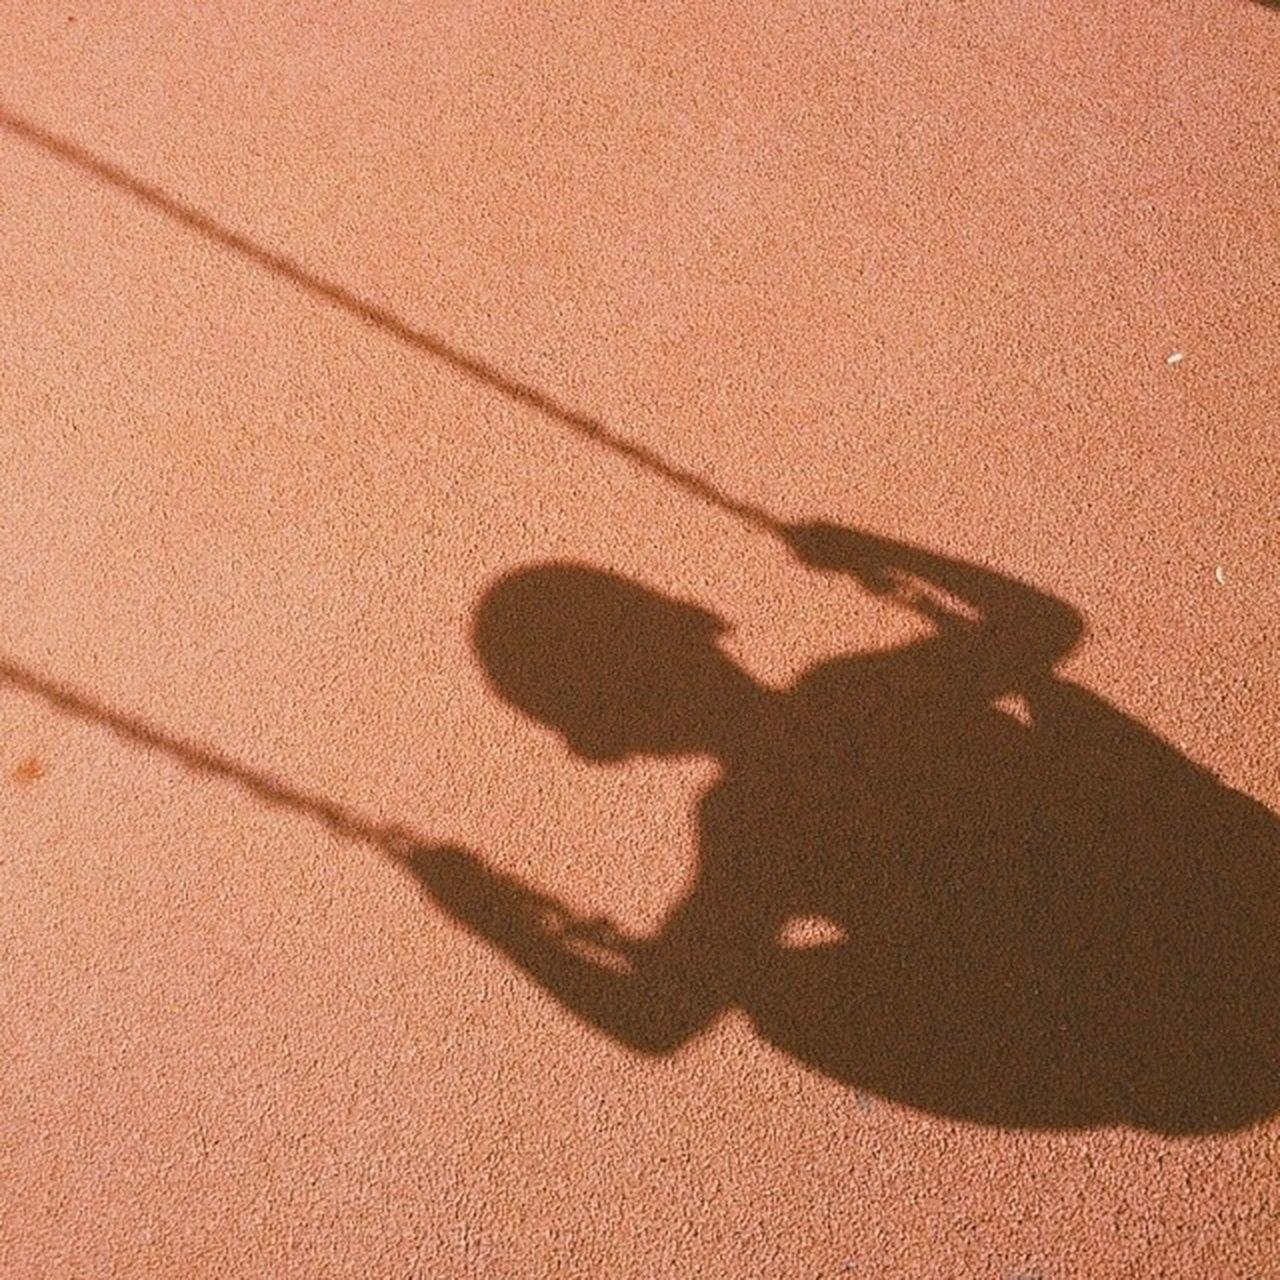 Shadow on a boy swinging